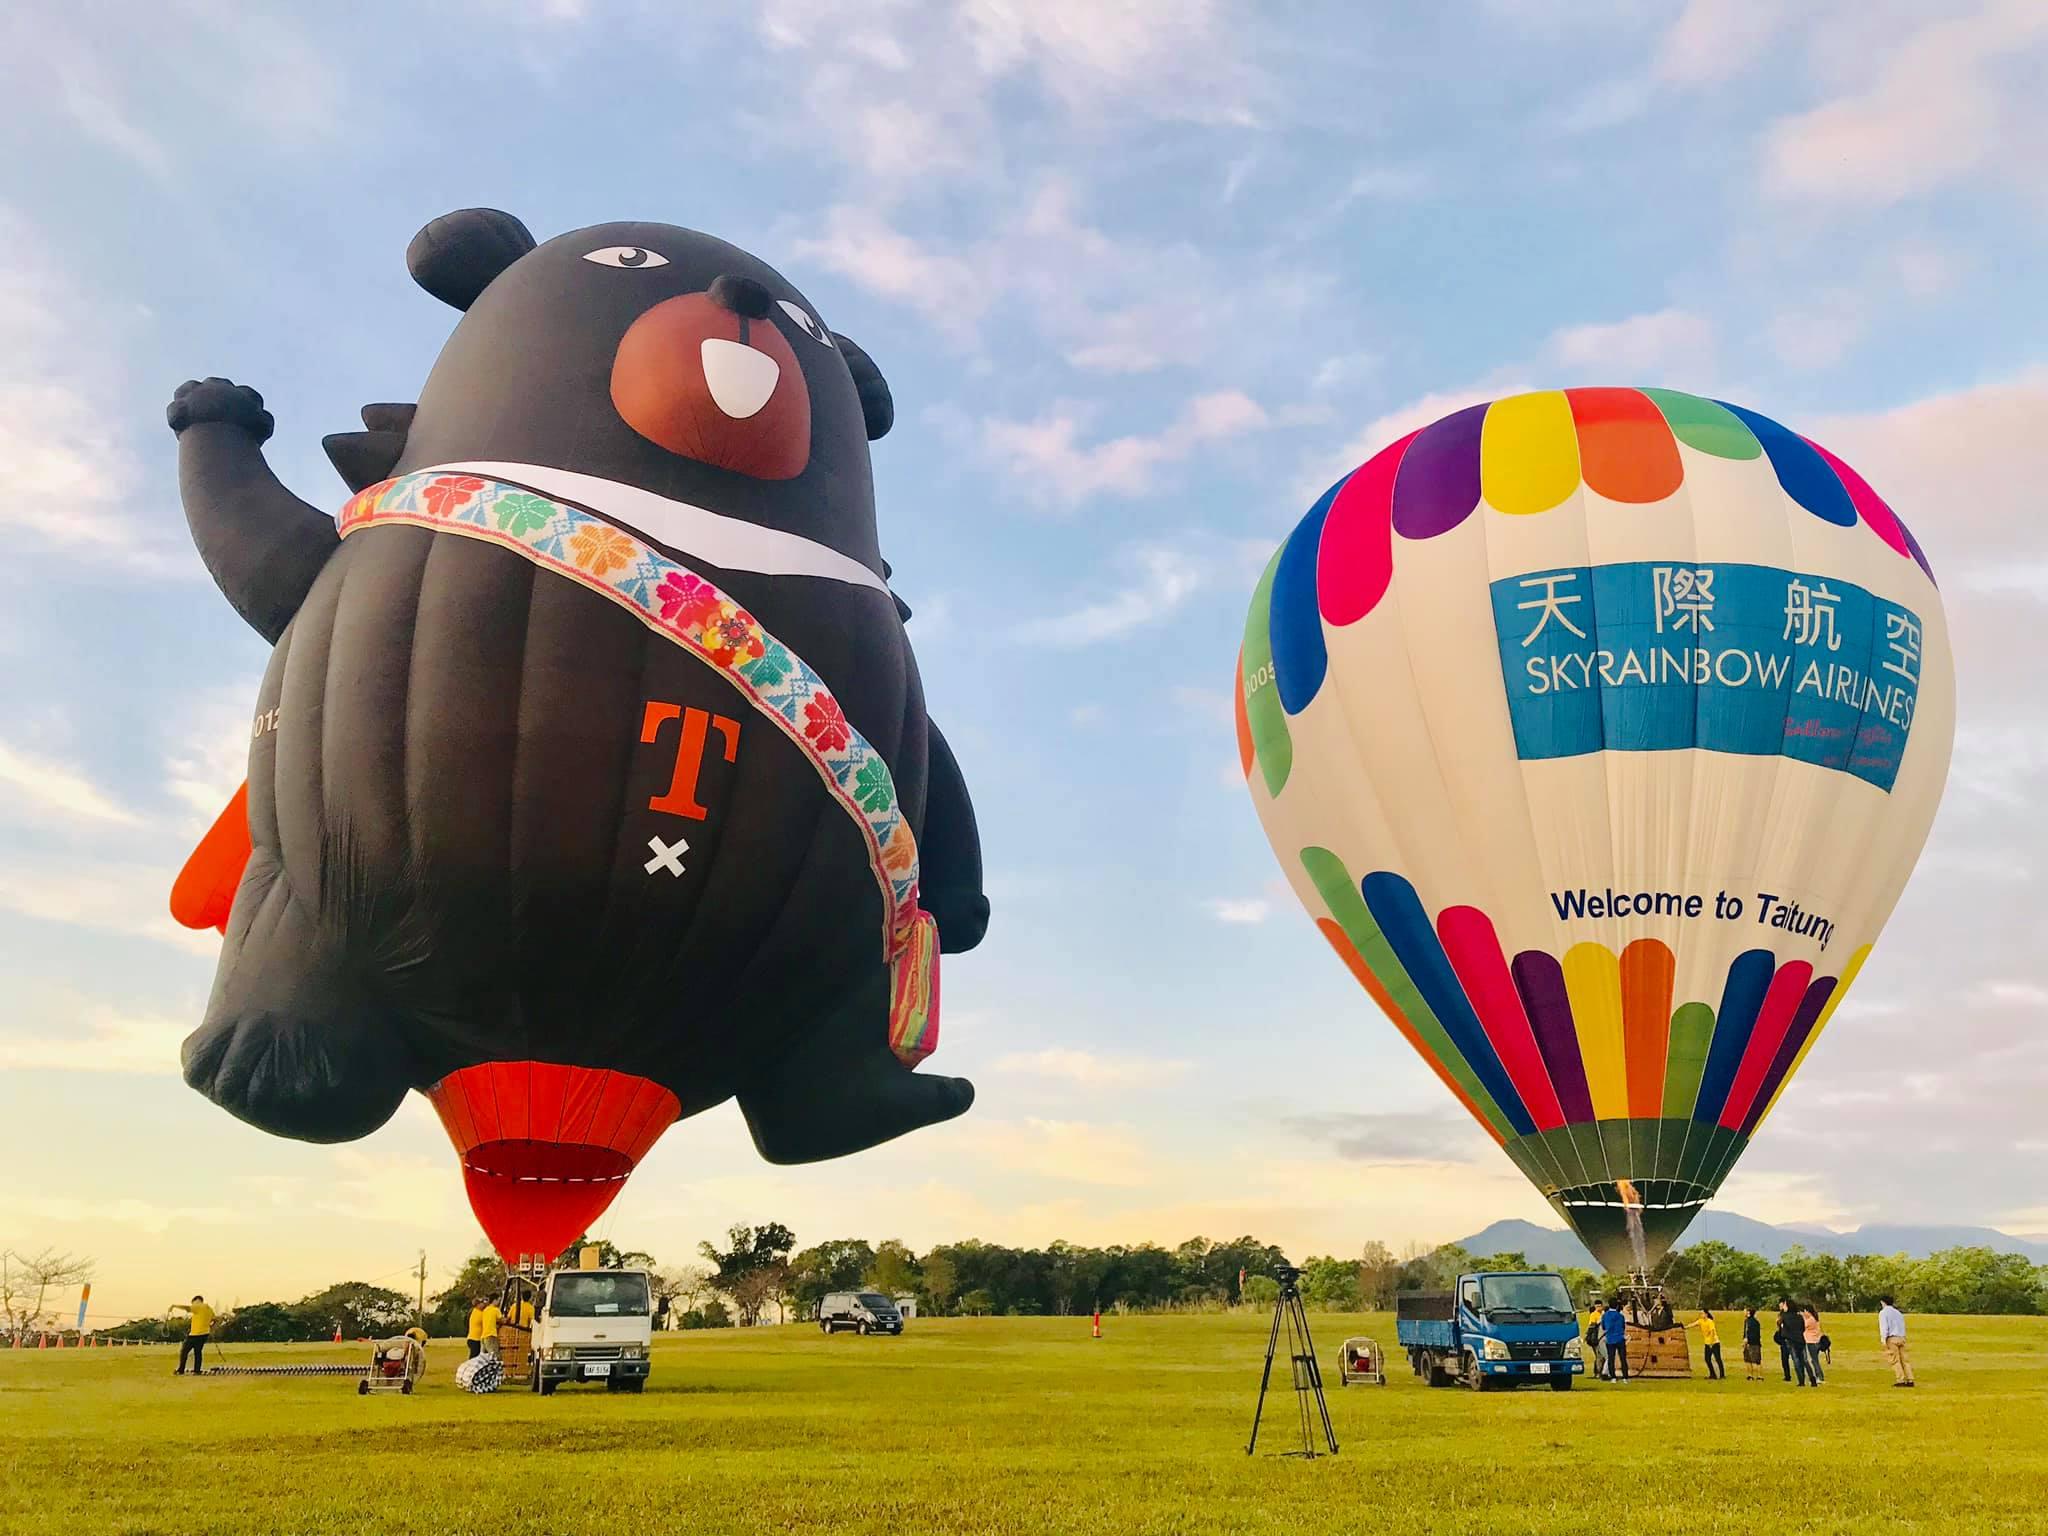 熊出沒⚠️ 久違不見的oh熊今天高臺偷偷出沒囉!搭配天際航空在高臺手牽手飛起來喔! #到底他們有什麼秘密進行中,讓我們看下去........待續..........